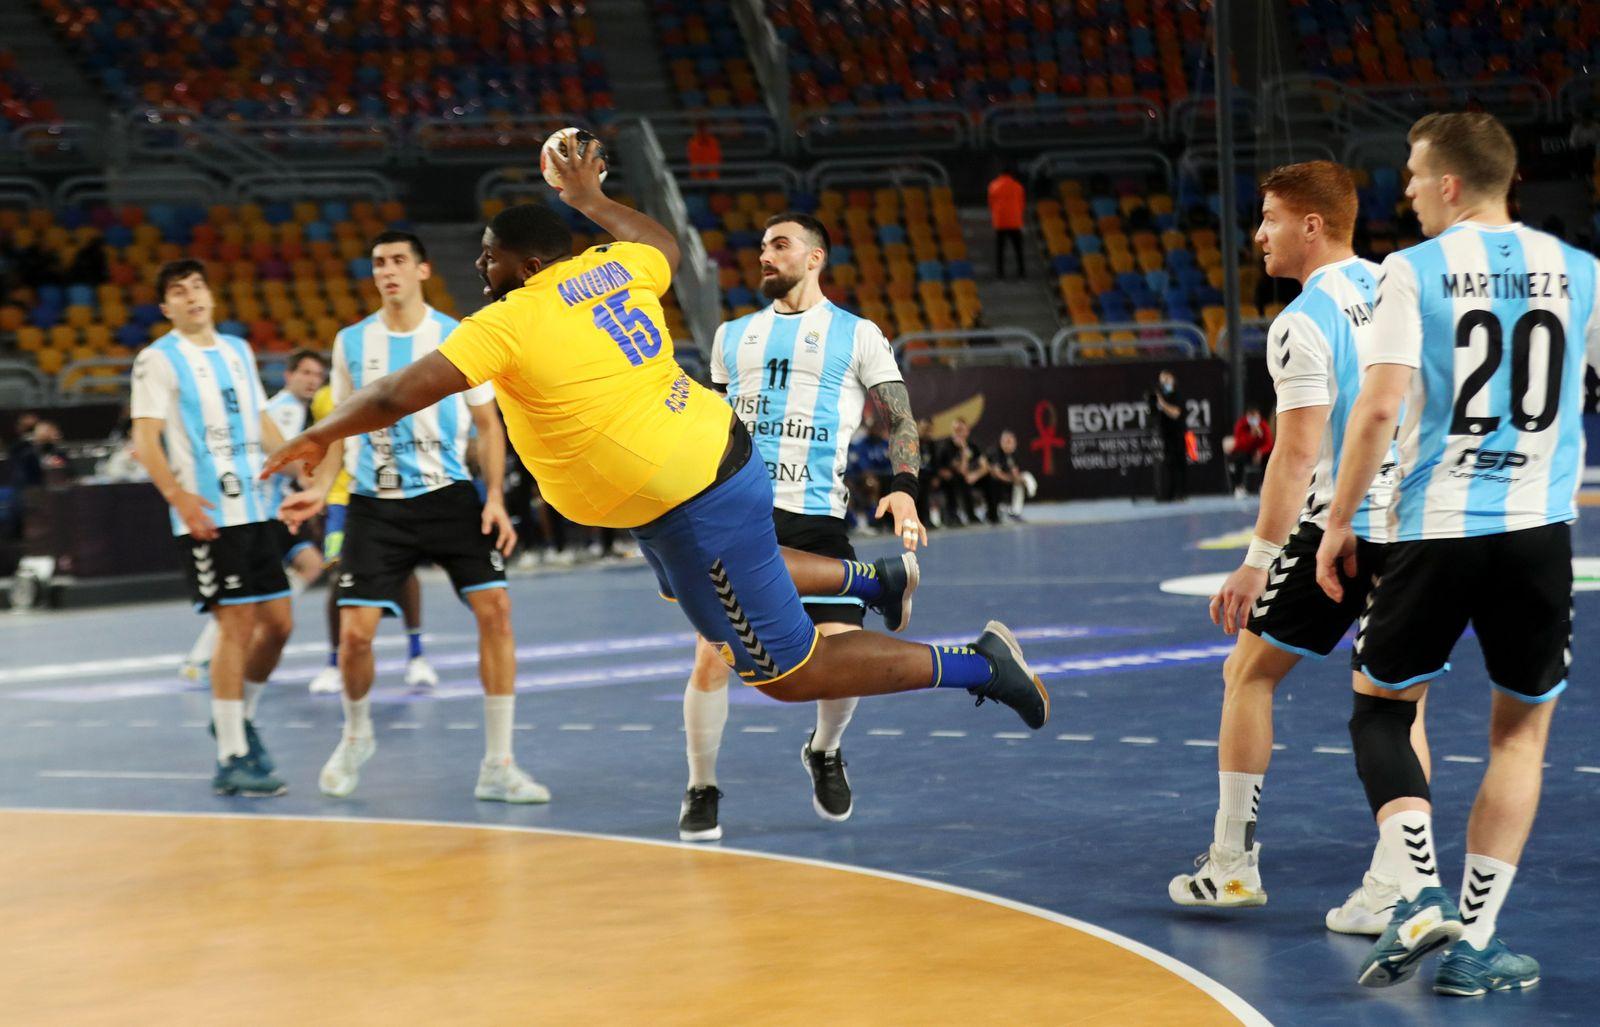 https www spiegel de sport handball handball wm 2021 gauthier mvumbi will das stirnband des besten spielers stehlen a 1219a83b 1525 4fcd b3d8 563d08b3ad17